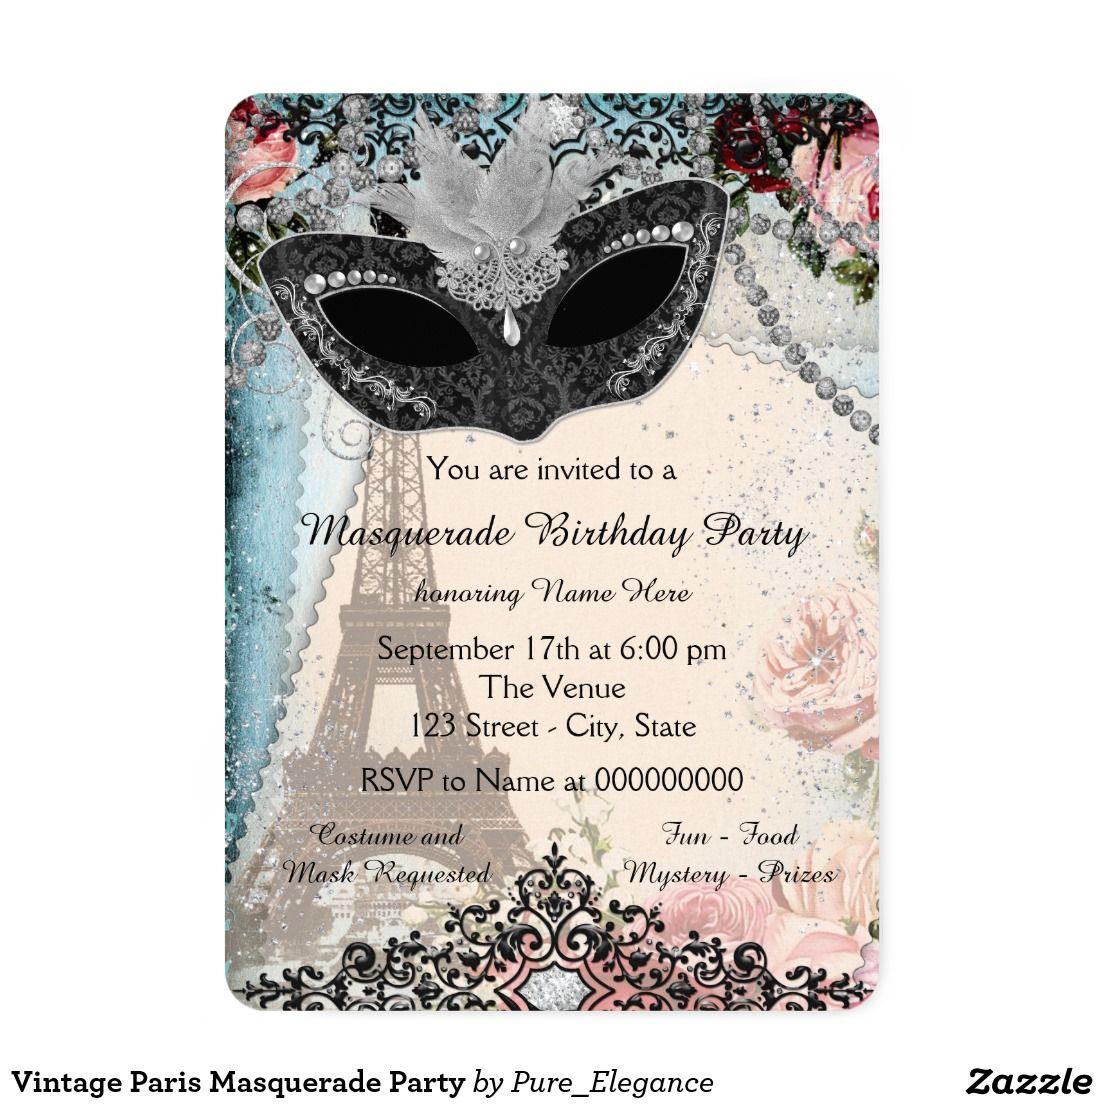 Vintage Paris Masquerade Party Invitation